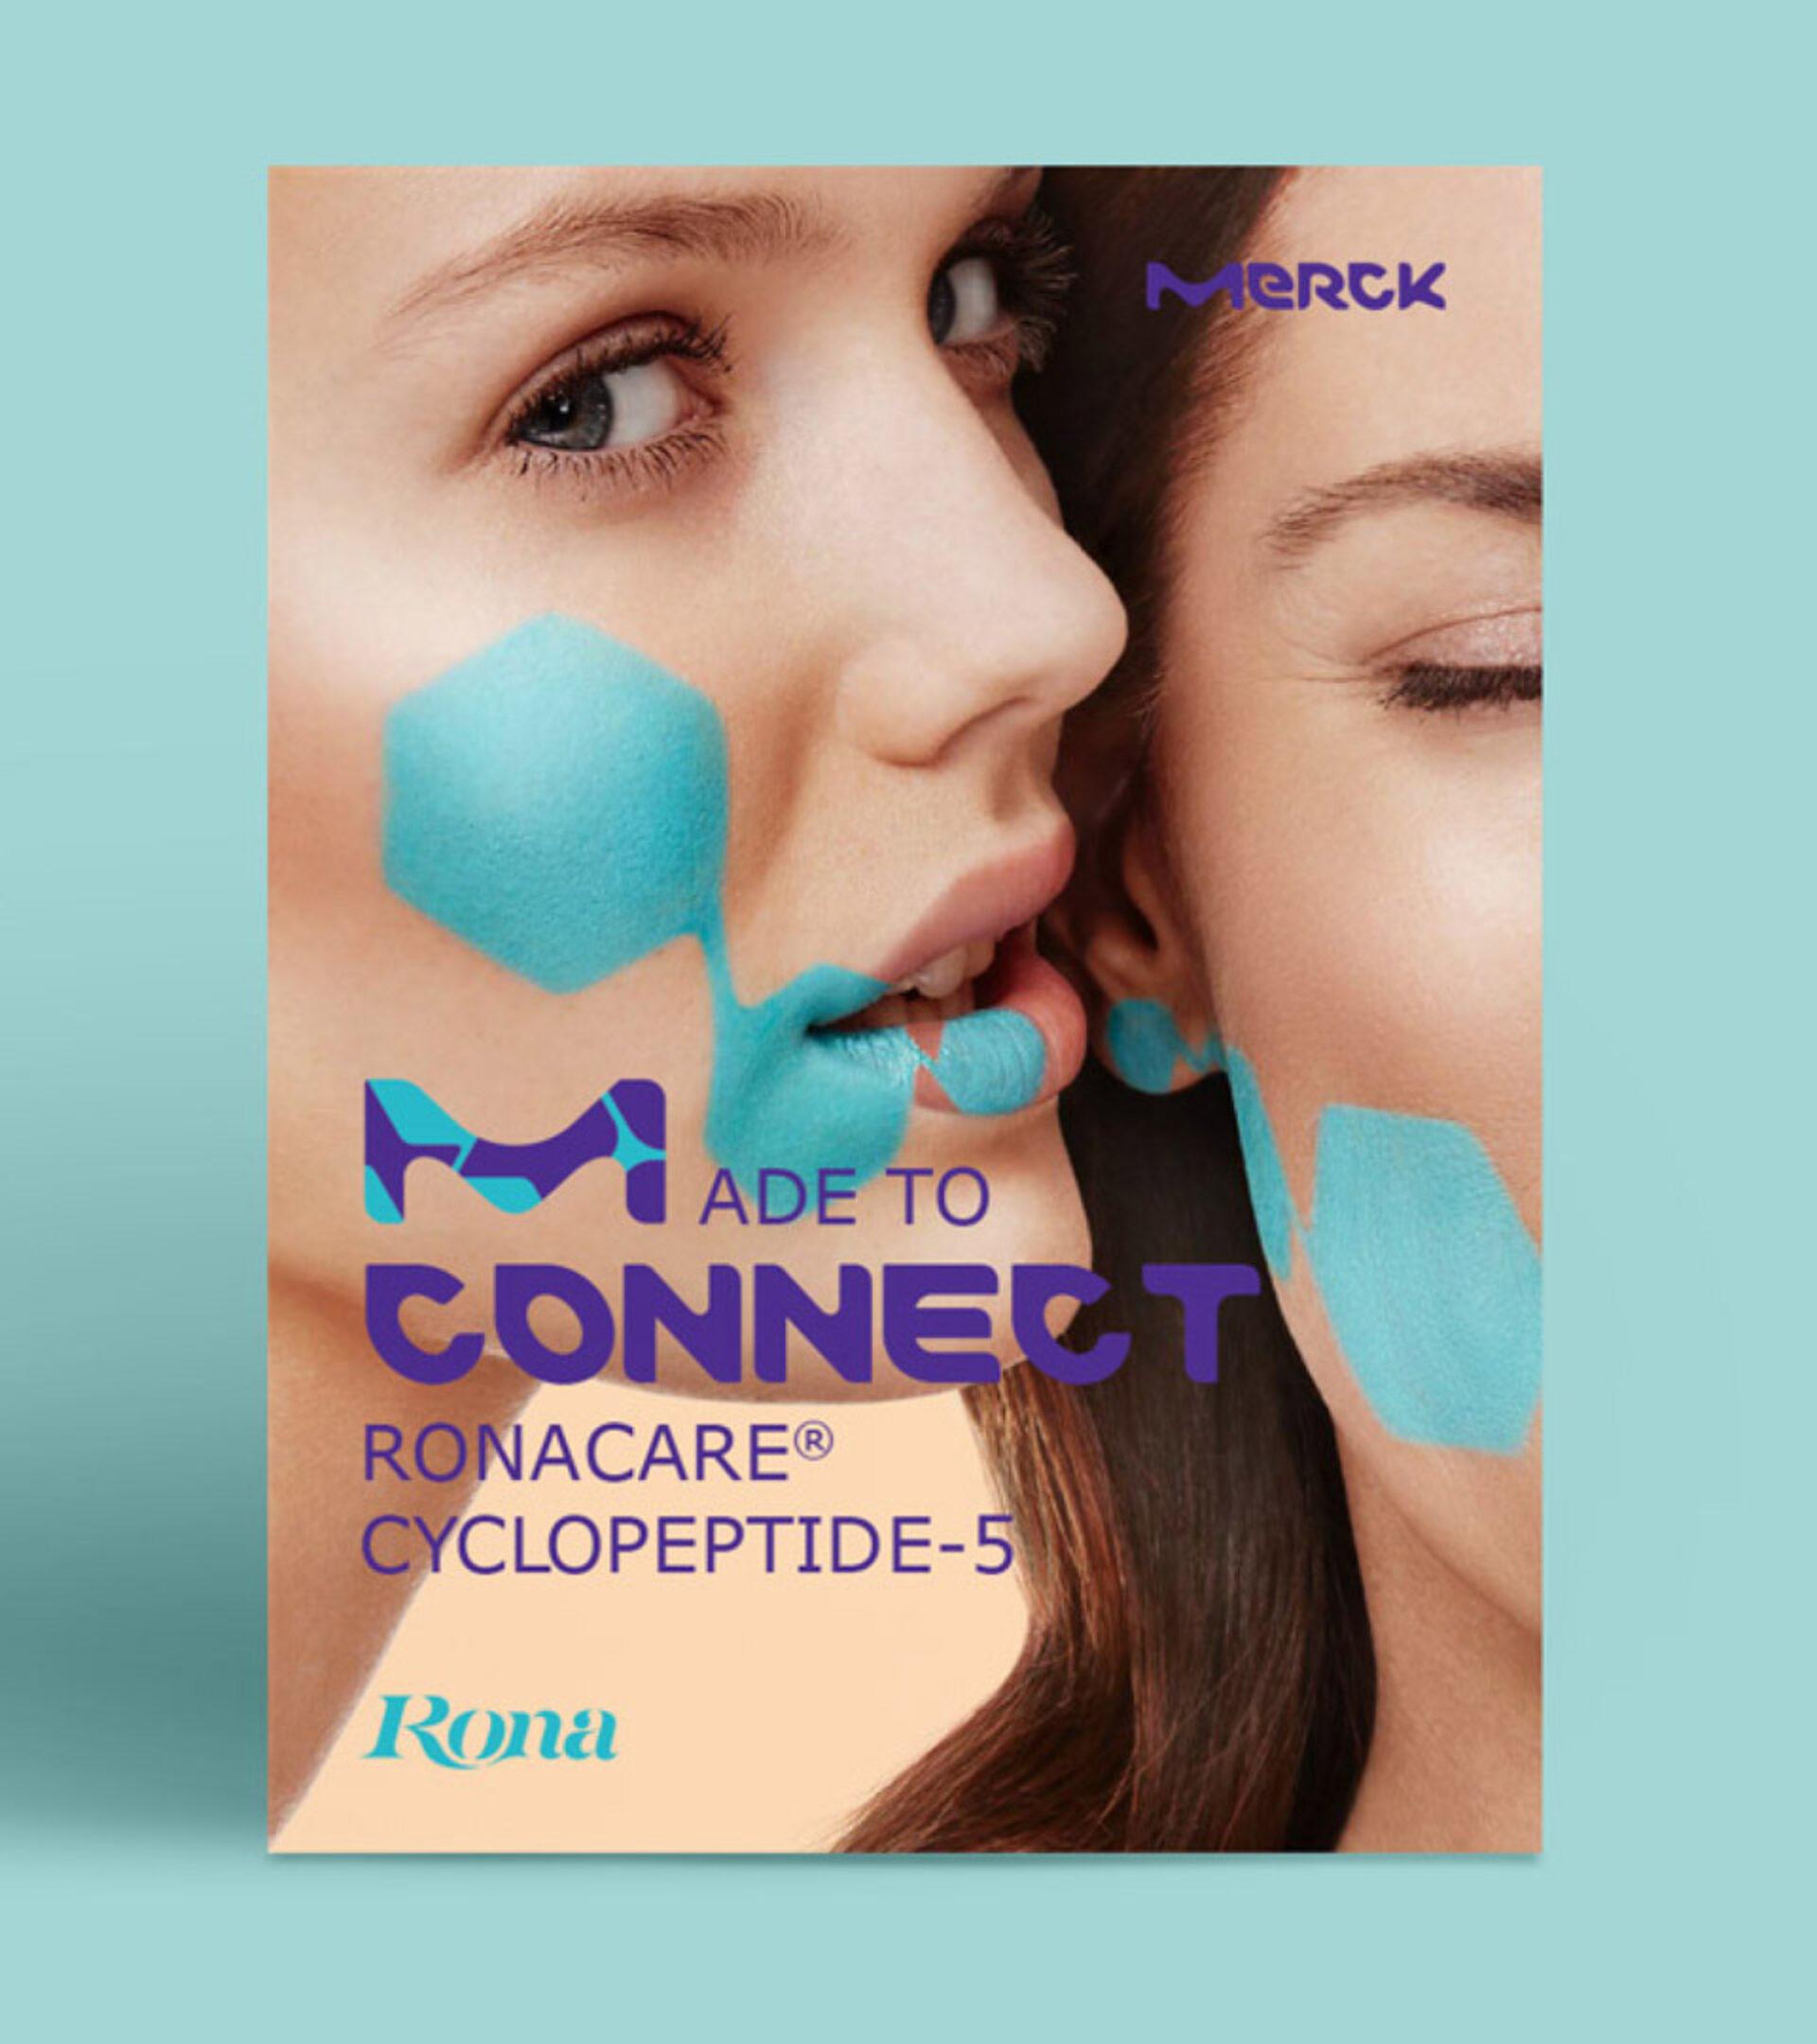 Broschürentitel mit Portrait von zwei Frauen mit türkis geschminkten Zellen im Gesicht und dem Titeltext Made to Connect